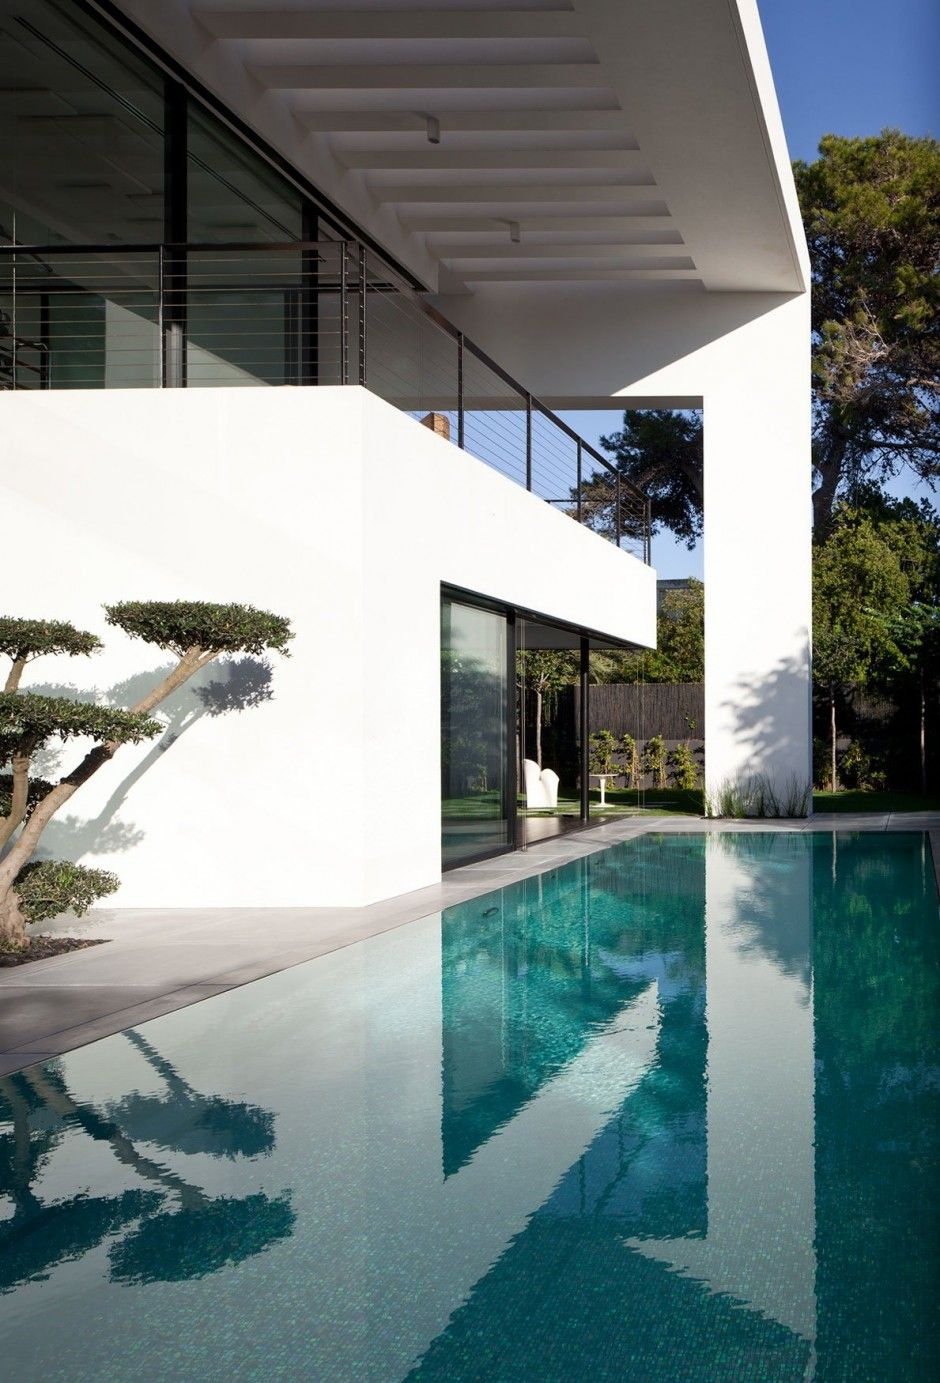 Super gepflegt: Extrem modernes, minimalistisches Haus im ...